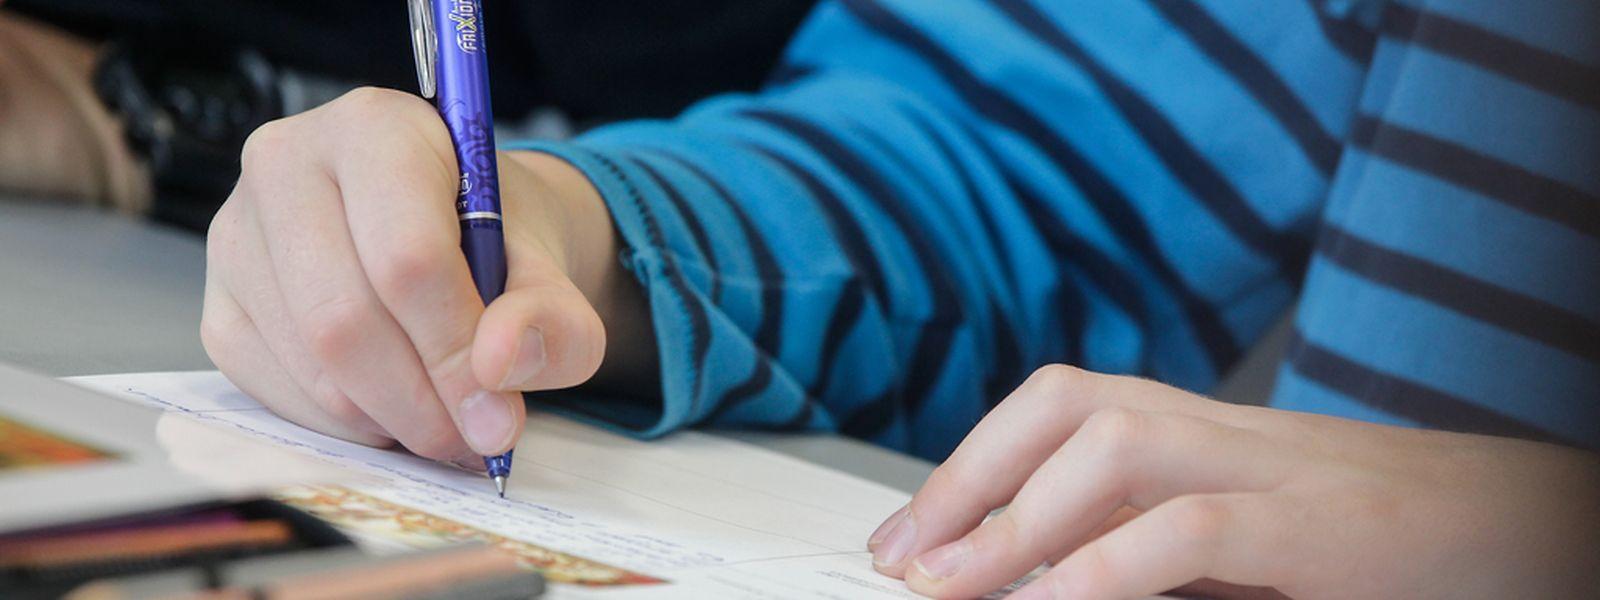 Der SNE wehrt sich gegen eine Erhöhung des Arbeitspensums der Lehrer, sollte die Regierung dies in Erwägung ziehen.